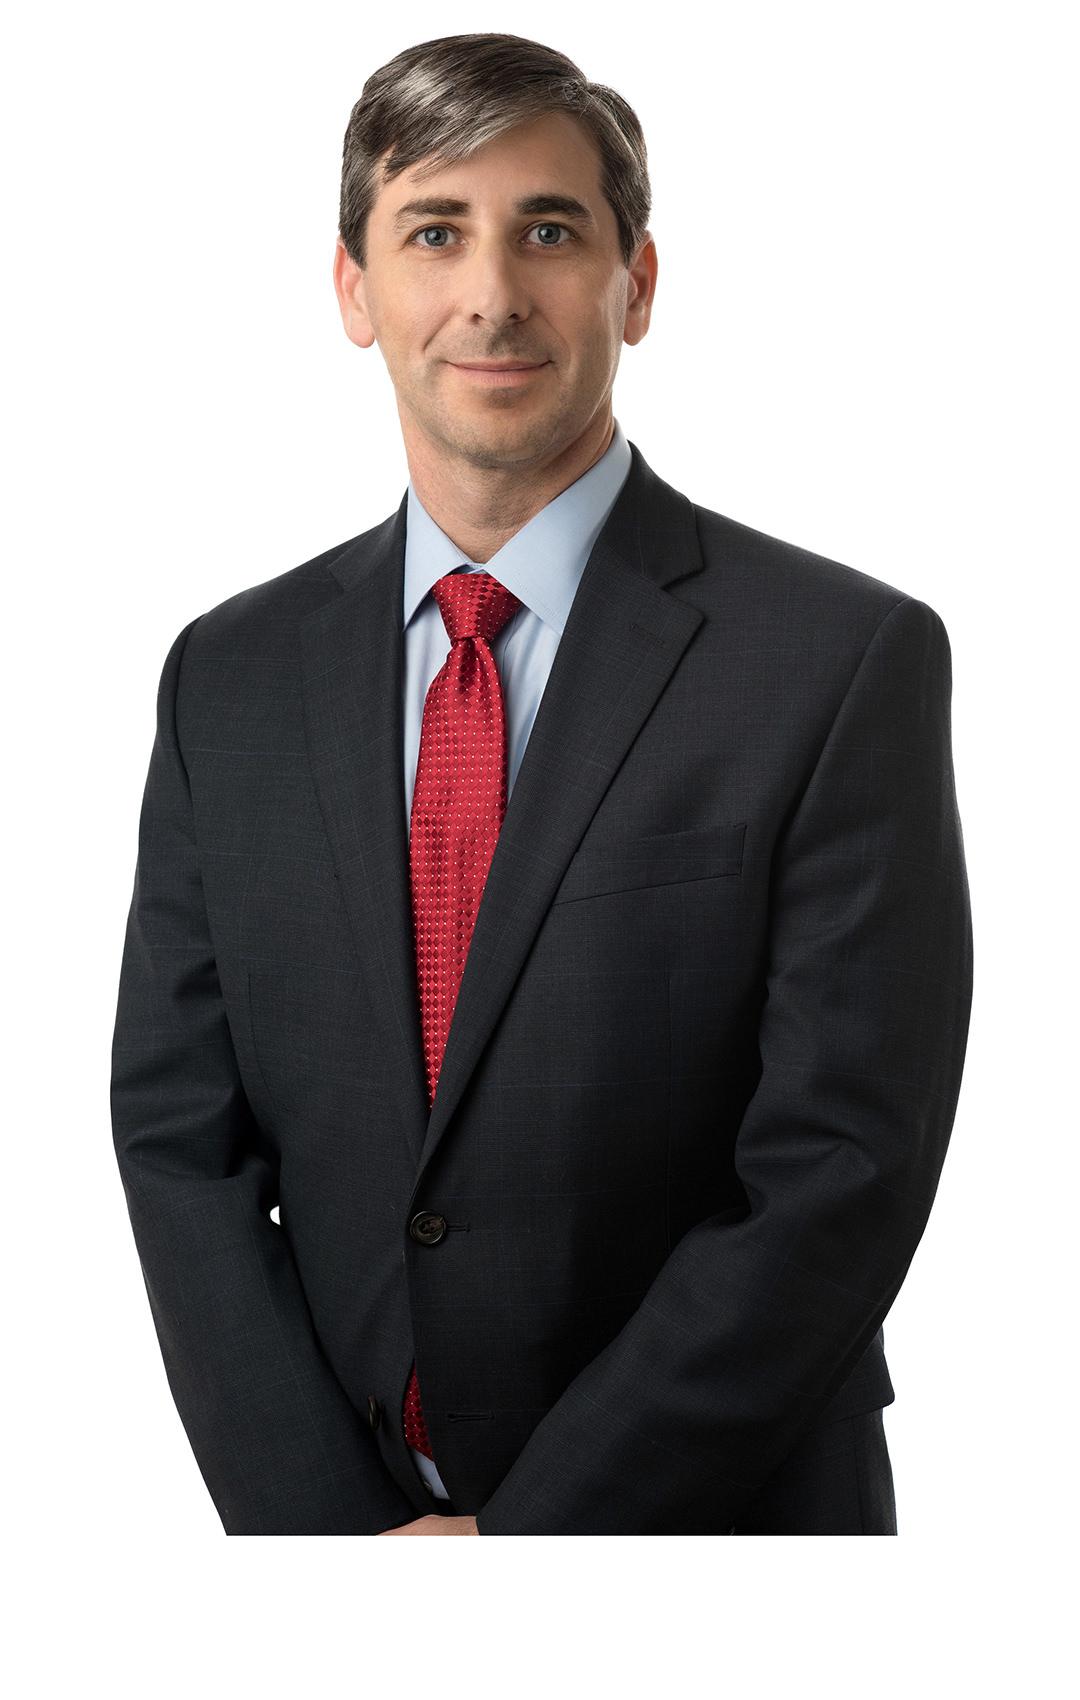 Erik T. Norton